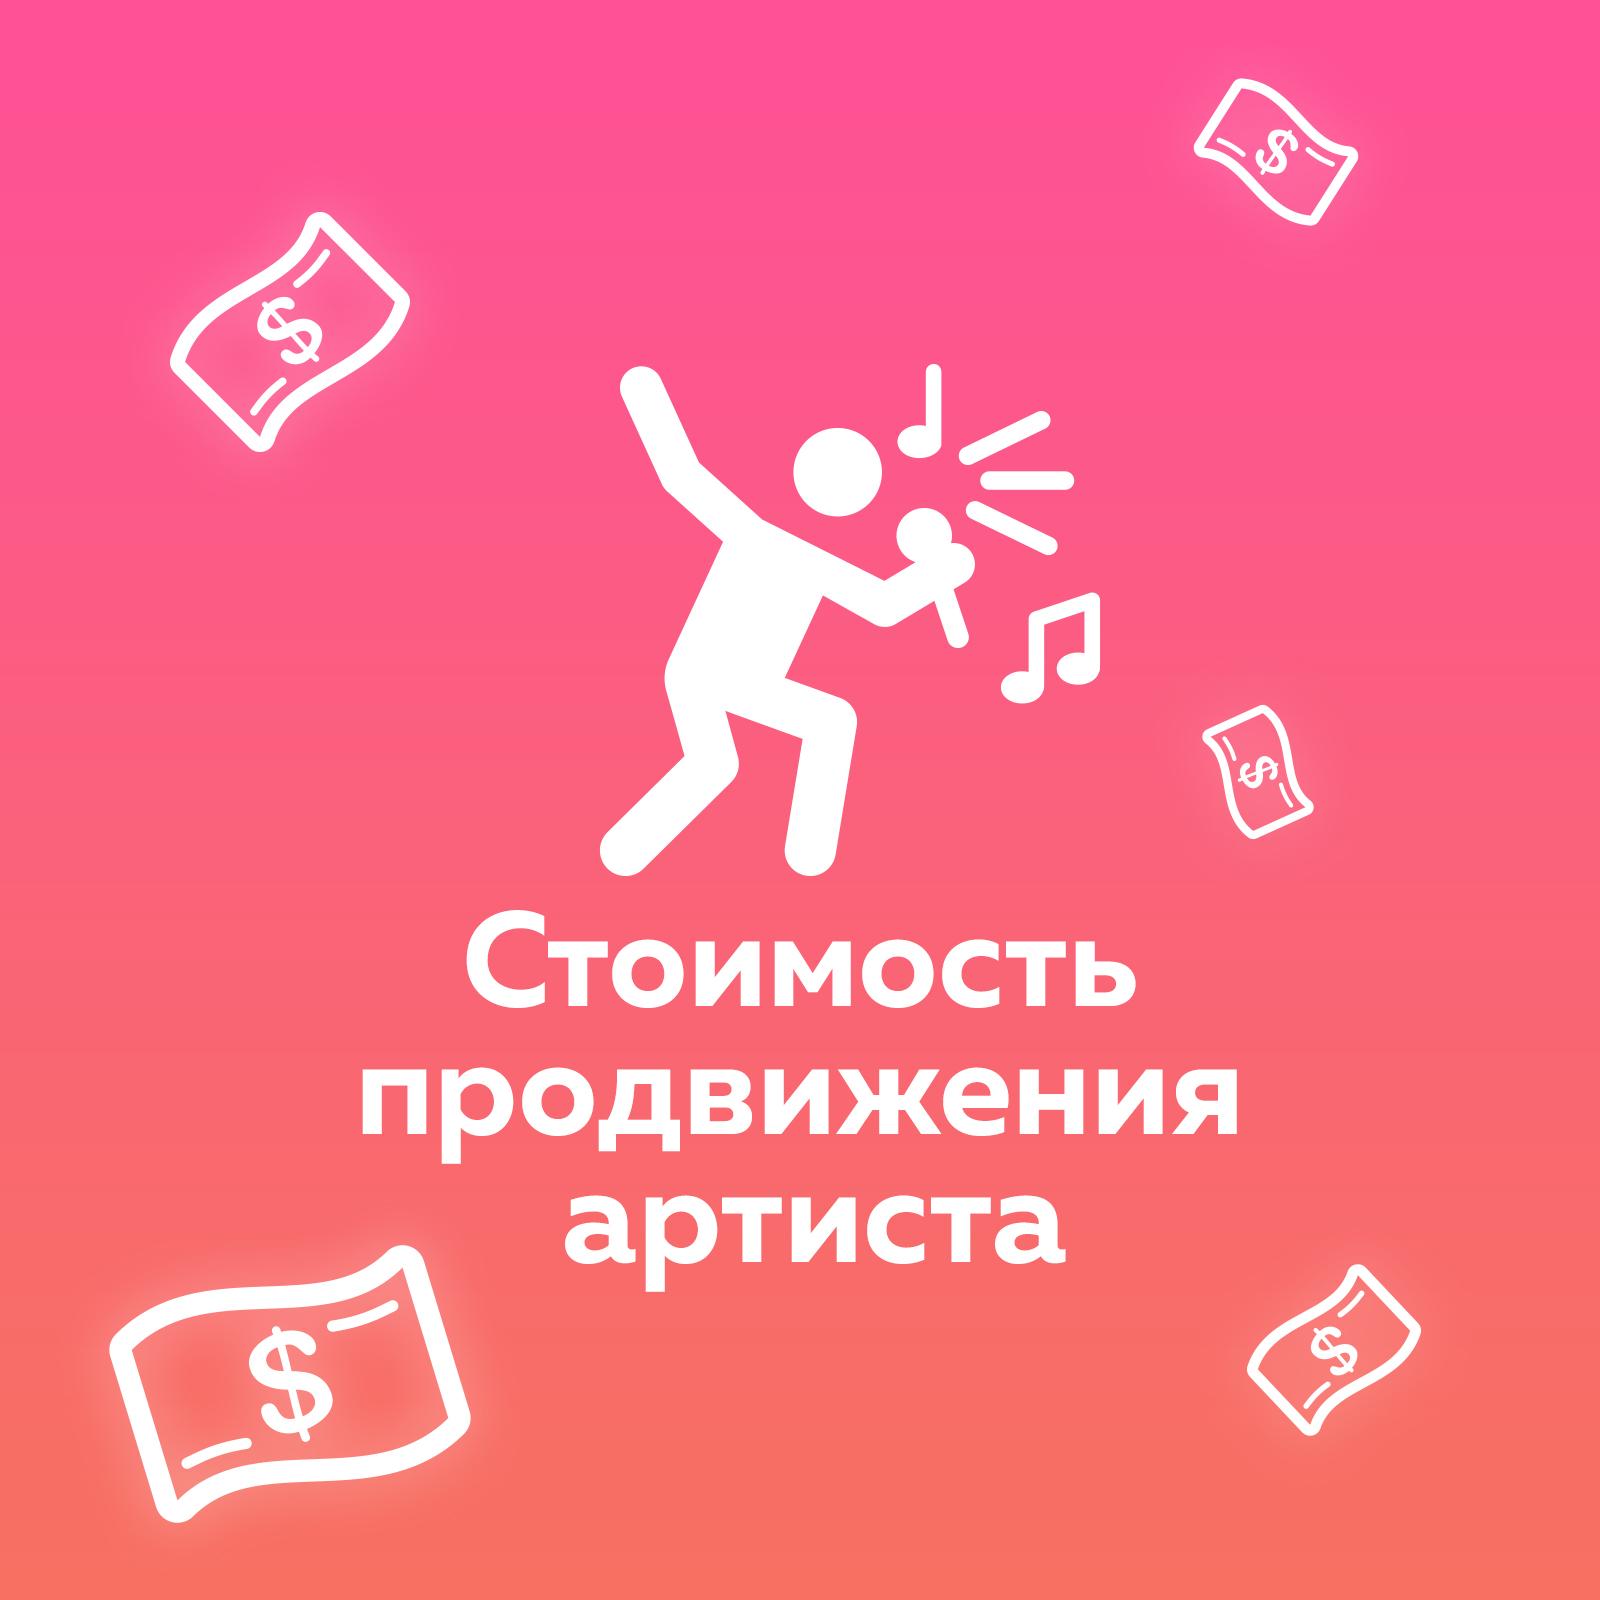 Сайт продвижения артиста соц сигналы для продвижения сайта